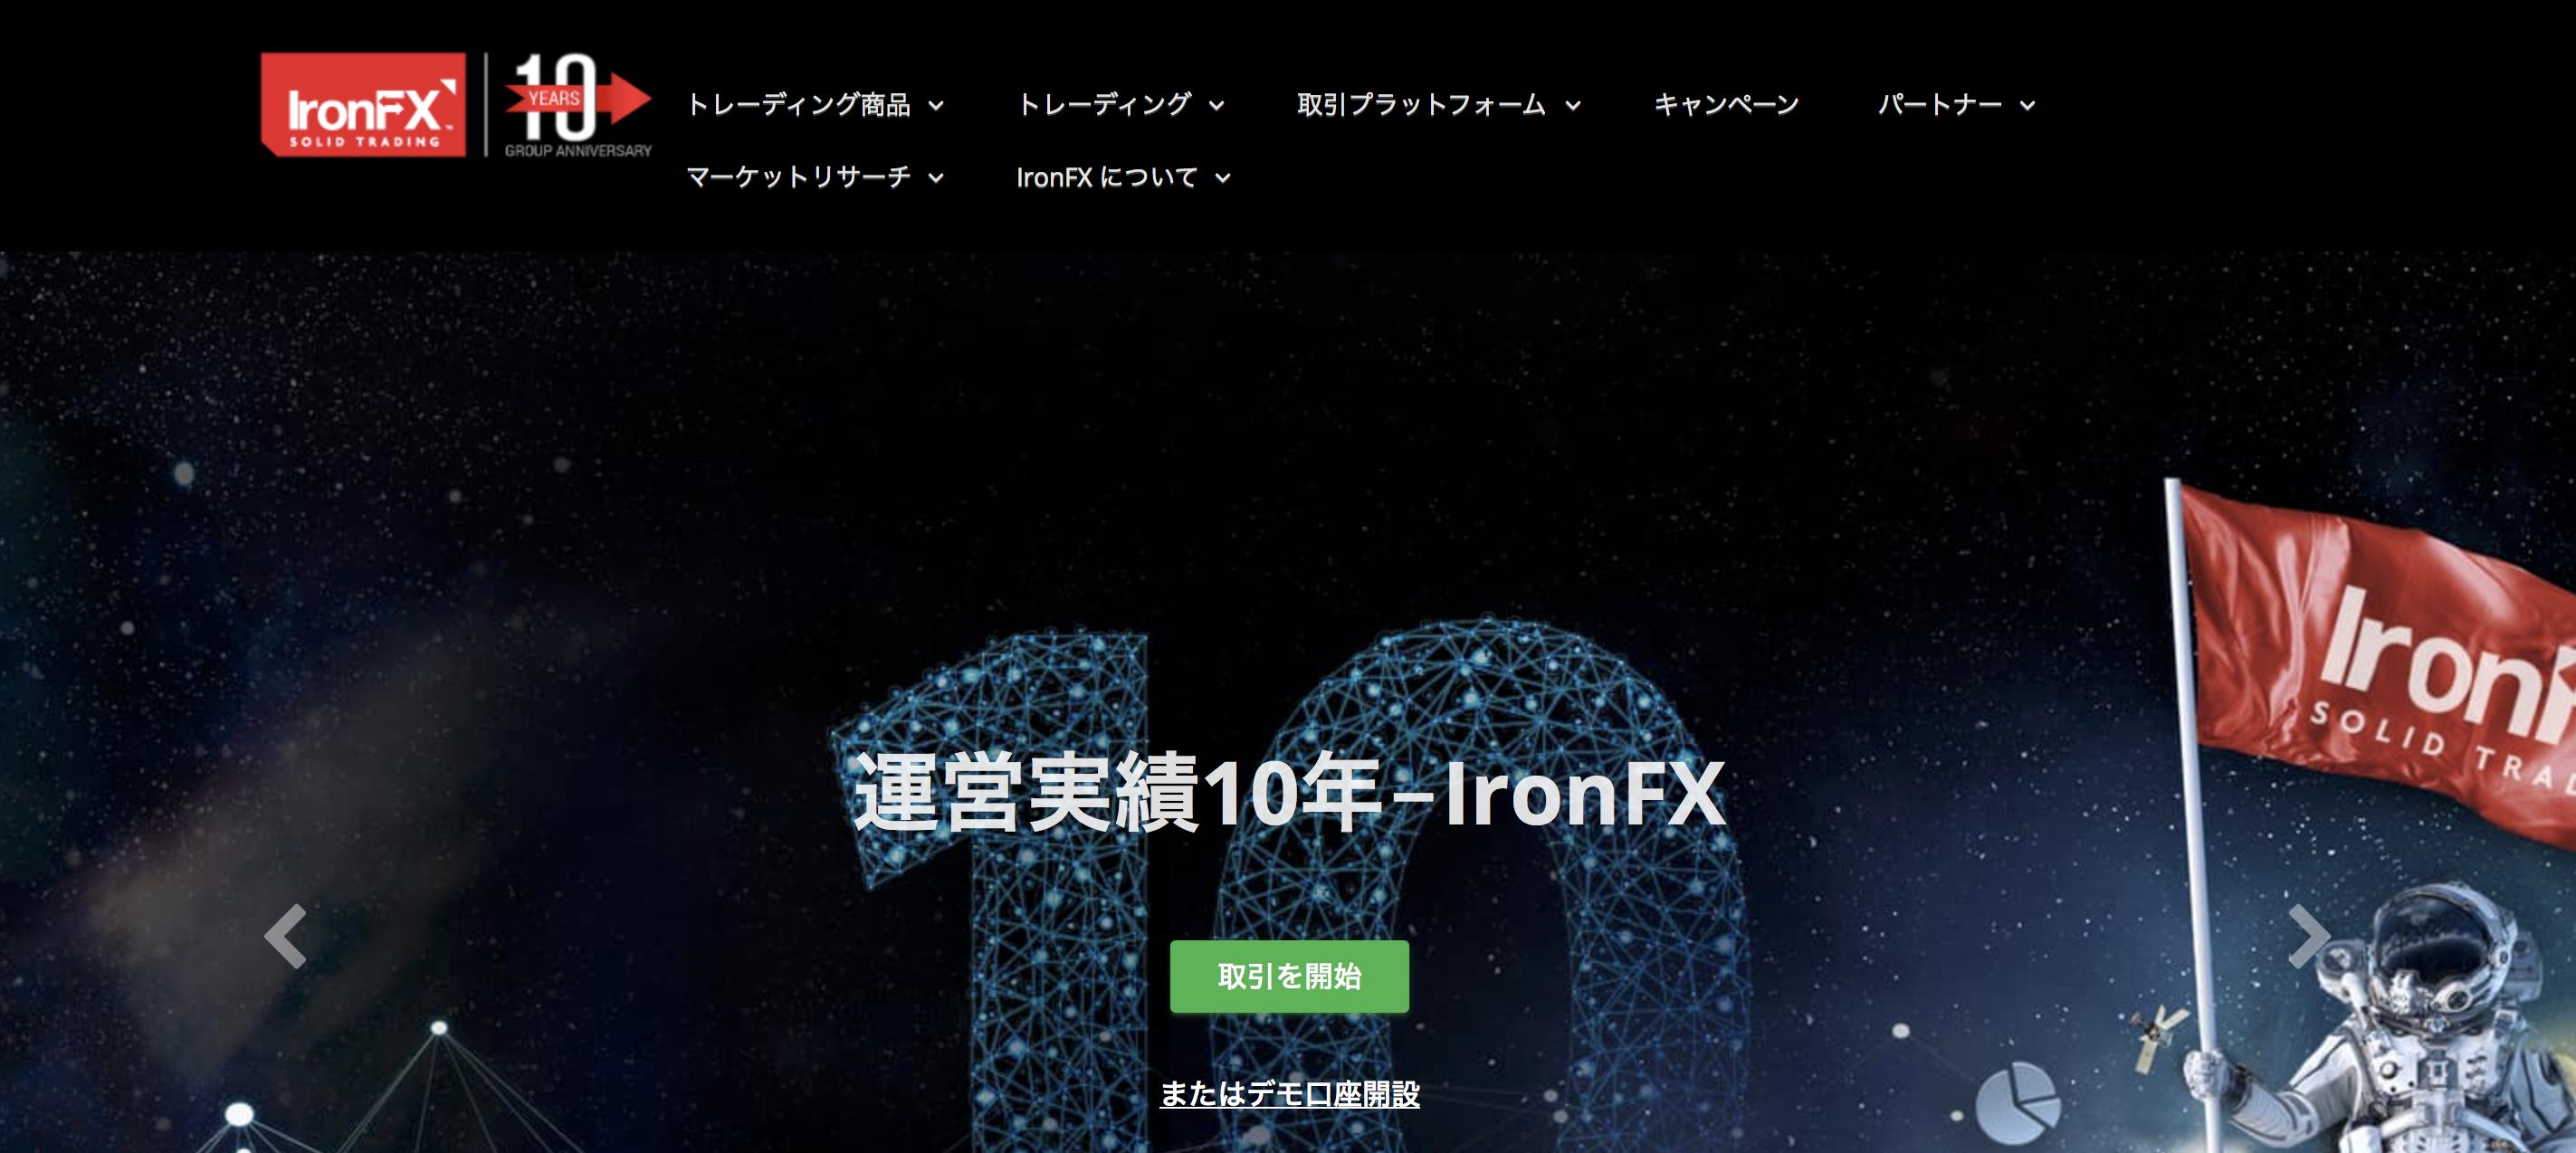 Ironfx_top_image